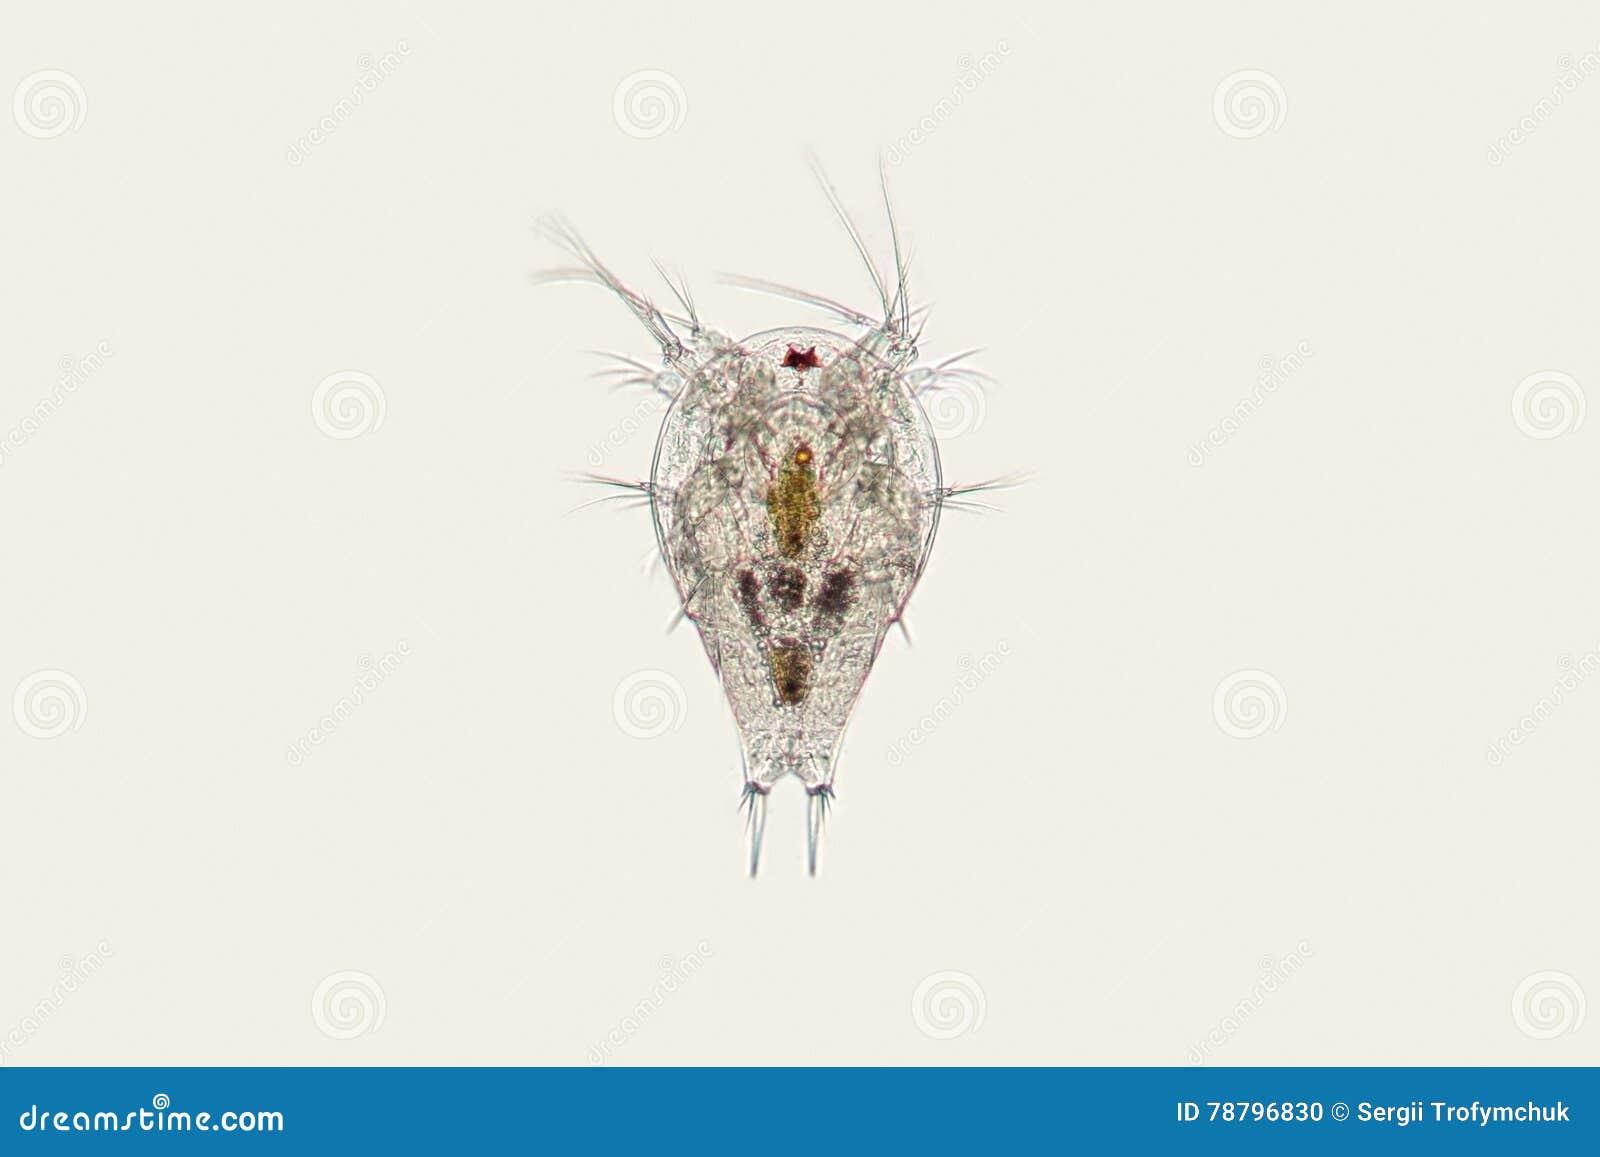 Пресноводная личинка Nauplius copepod зоопланктона Микроскопическое ракообразное